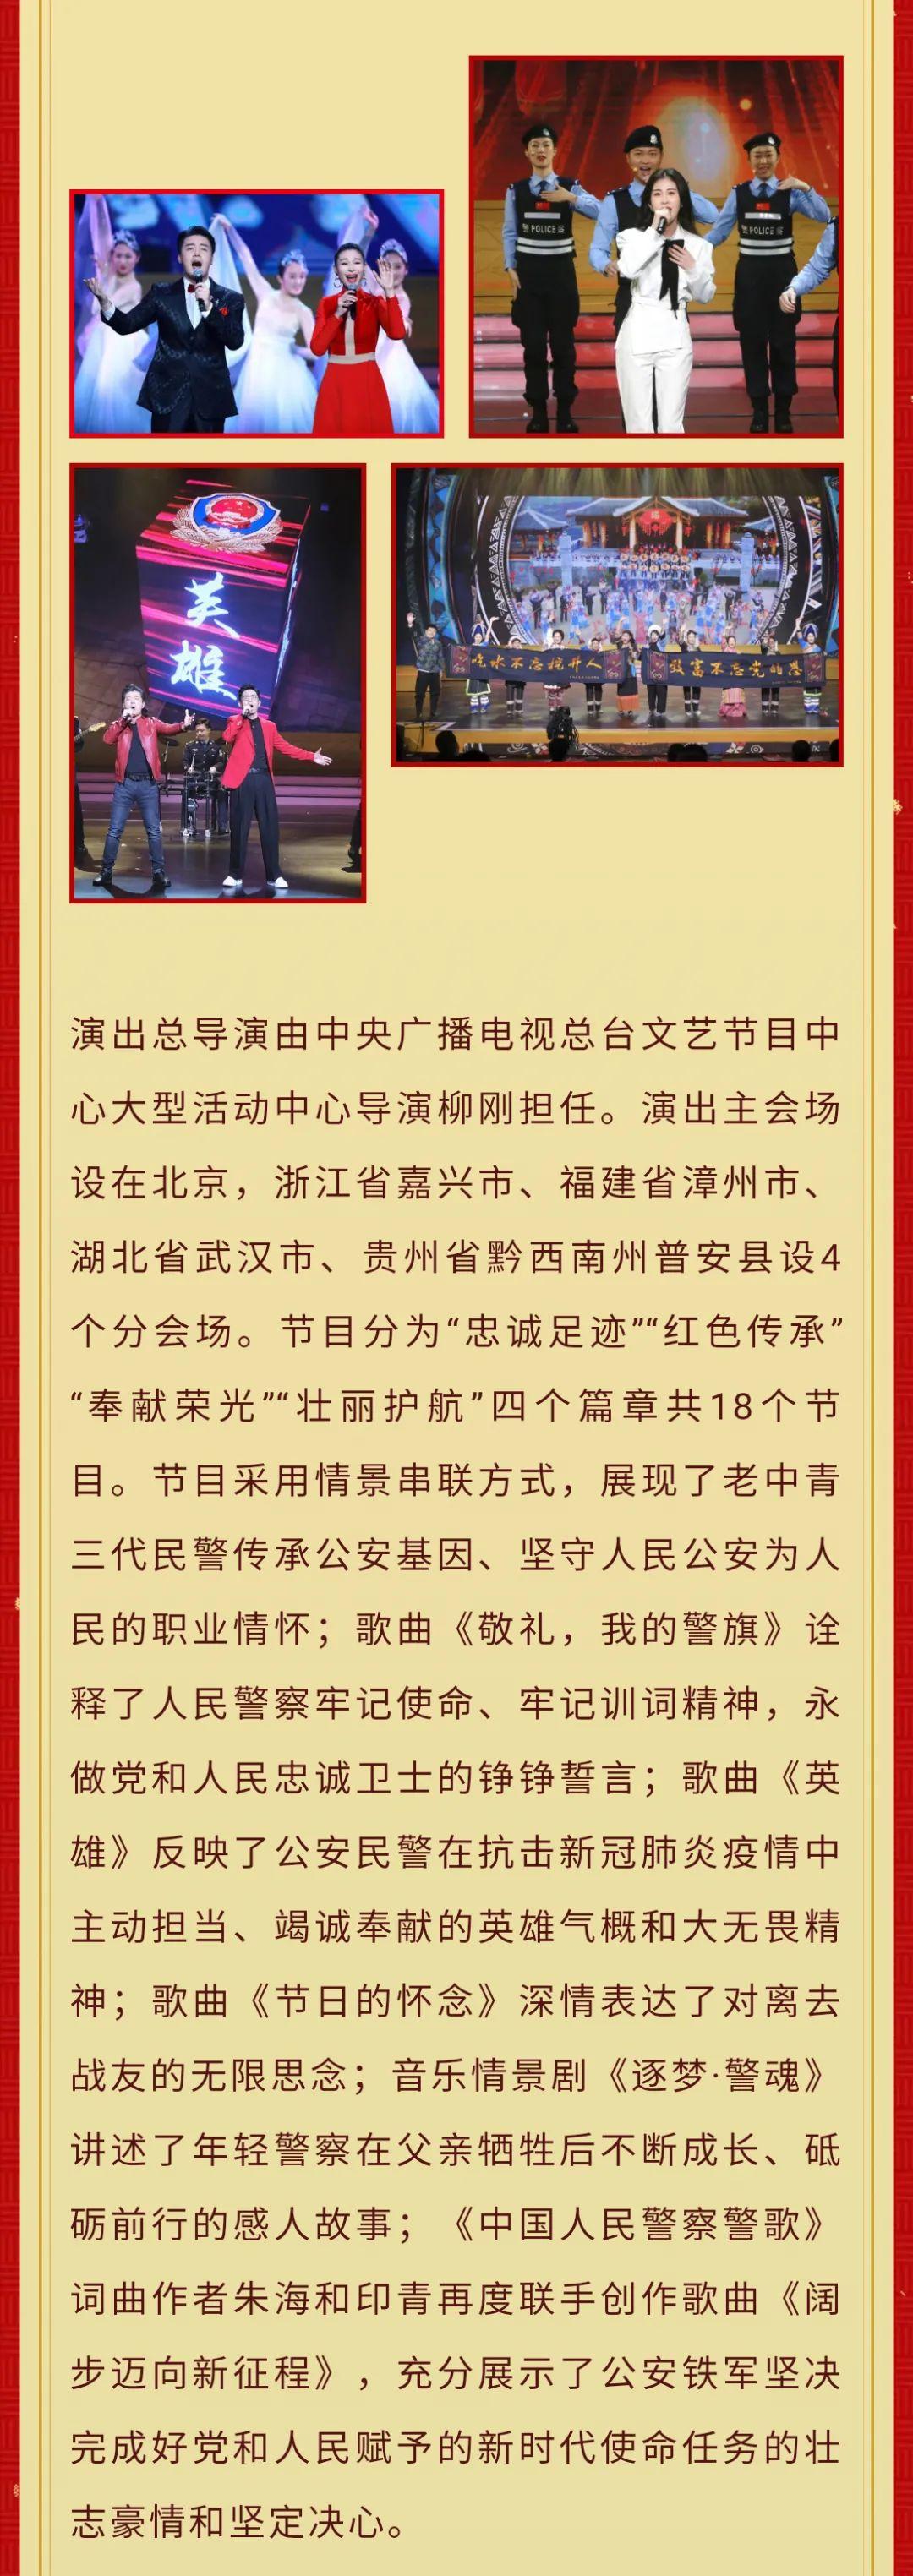 就在今晚!庆祝首个中国人民警察节慰问演出央视首播!